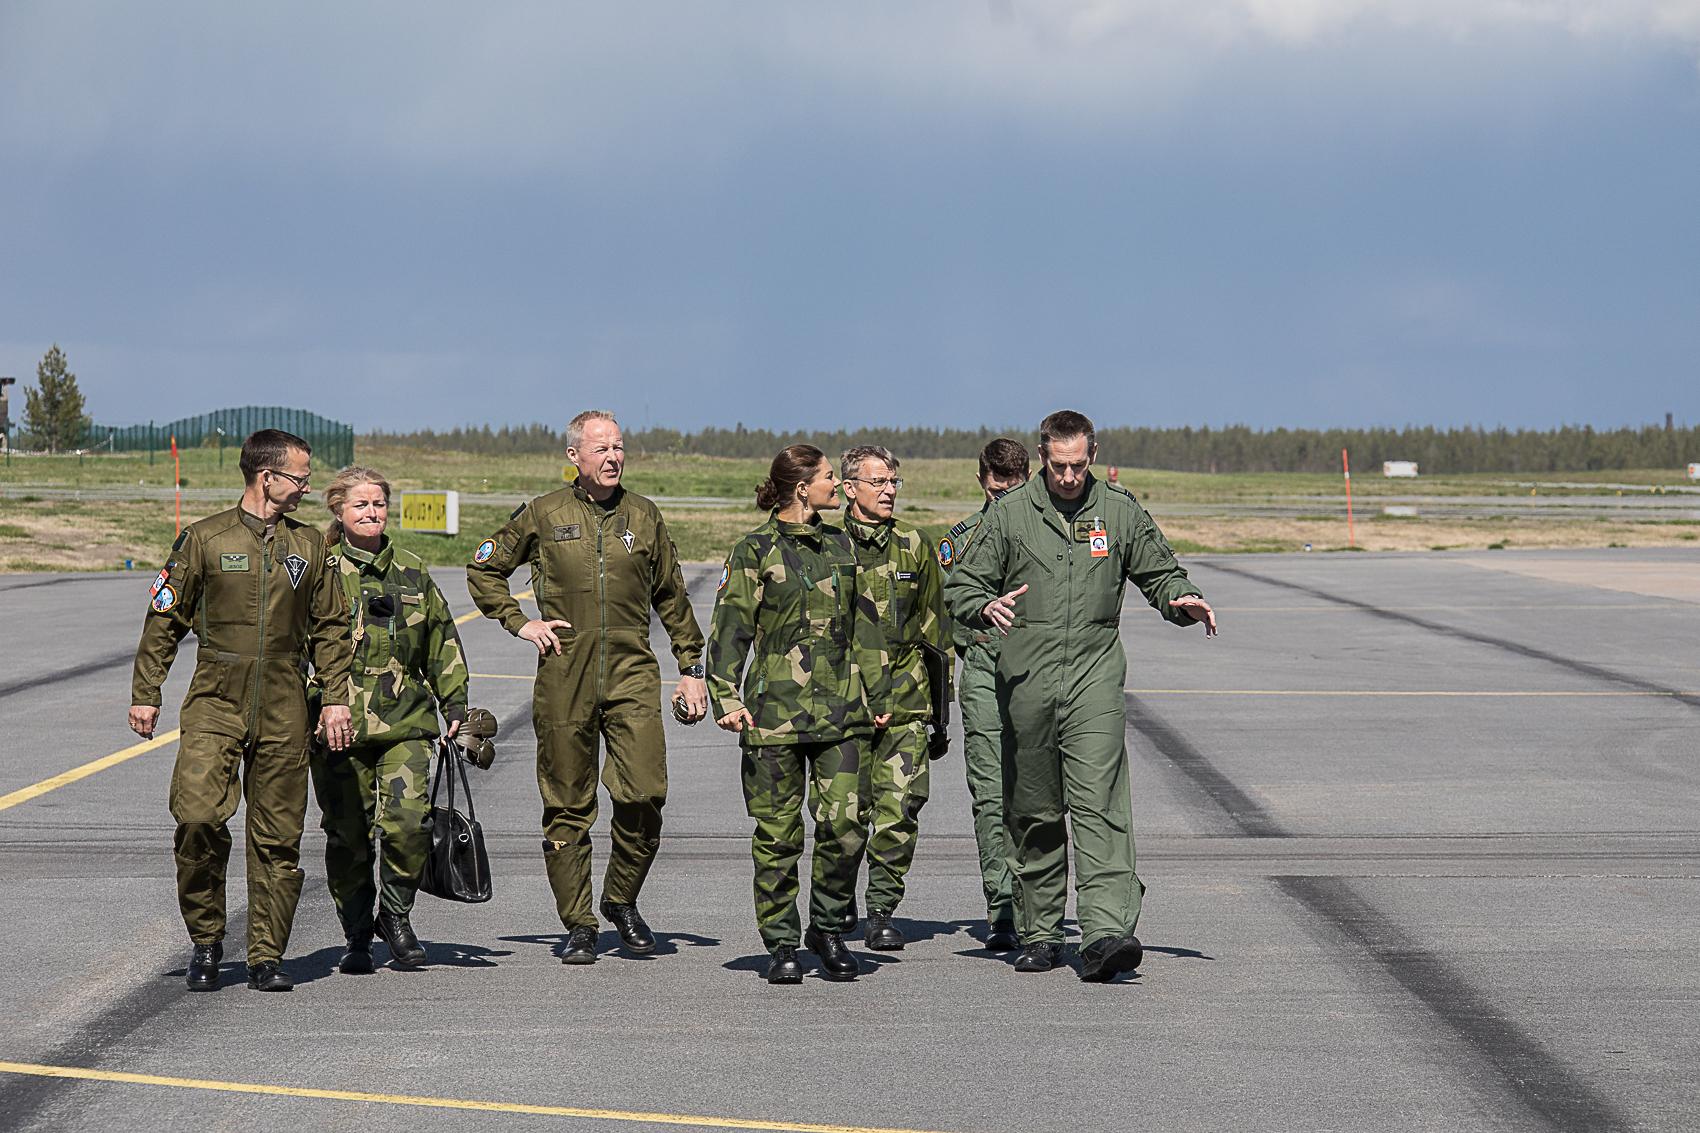 Foto: Jesper Sundström/Försvarsmakten